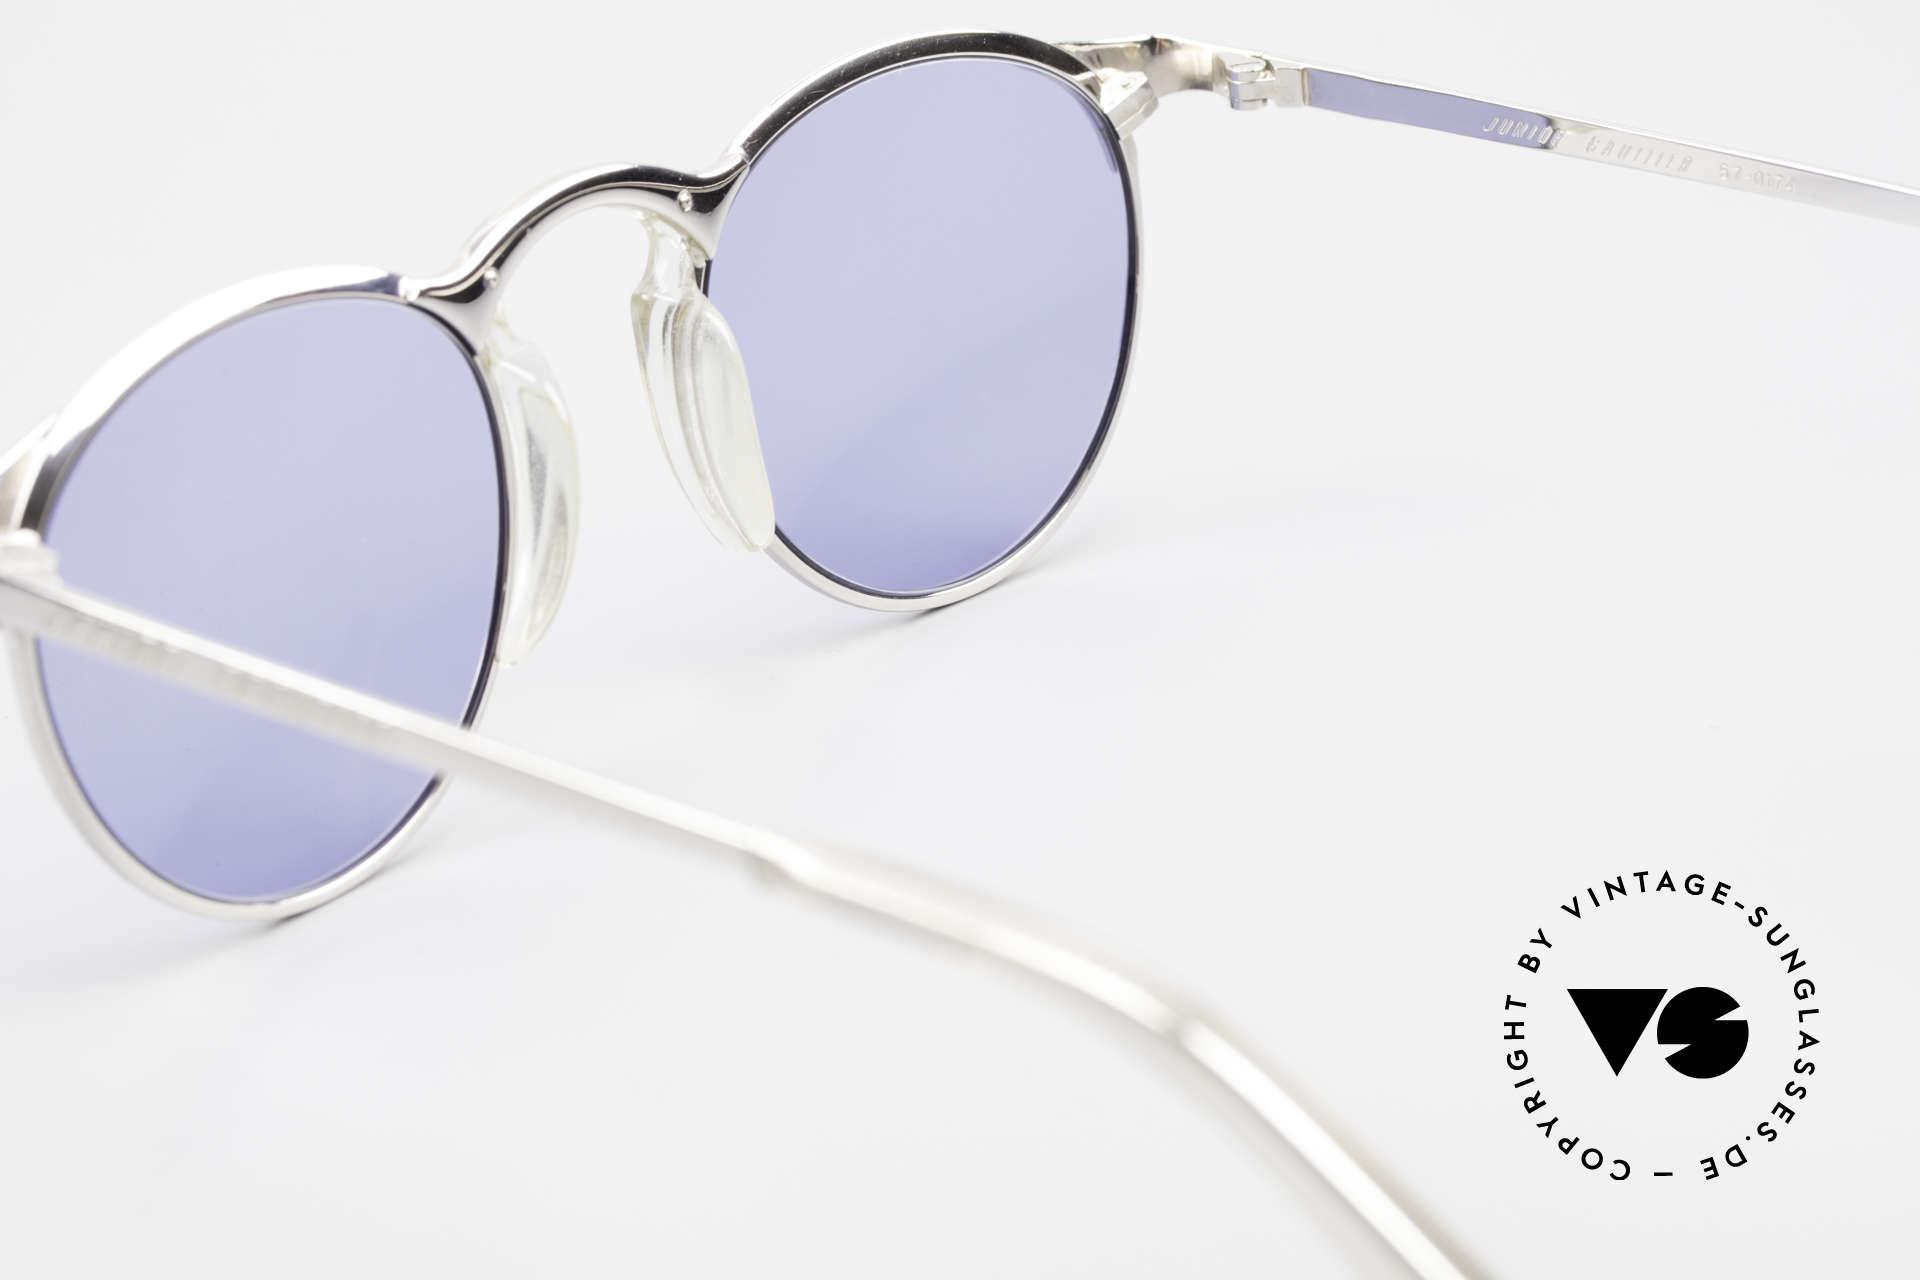 Jean Paul Gaultier 57-0174 Rare 90er Panto Sonnenbrille, Fassung (Gr. 48-21) kann beliebig verglast werden, Passend für Herren